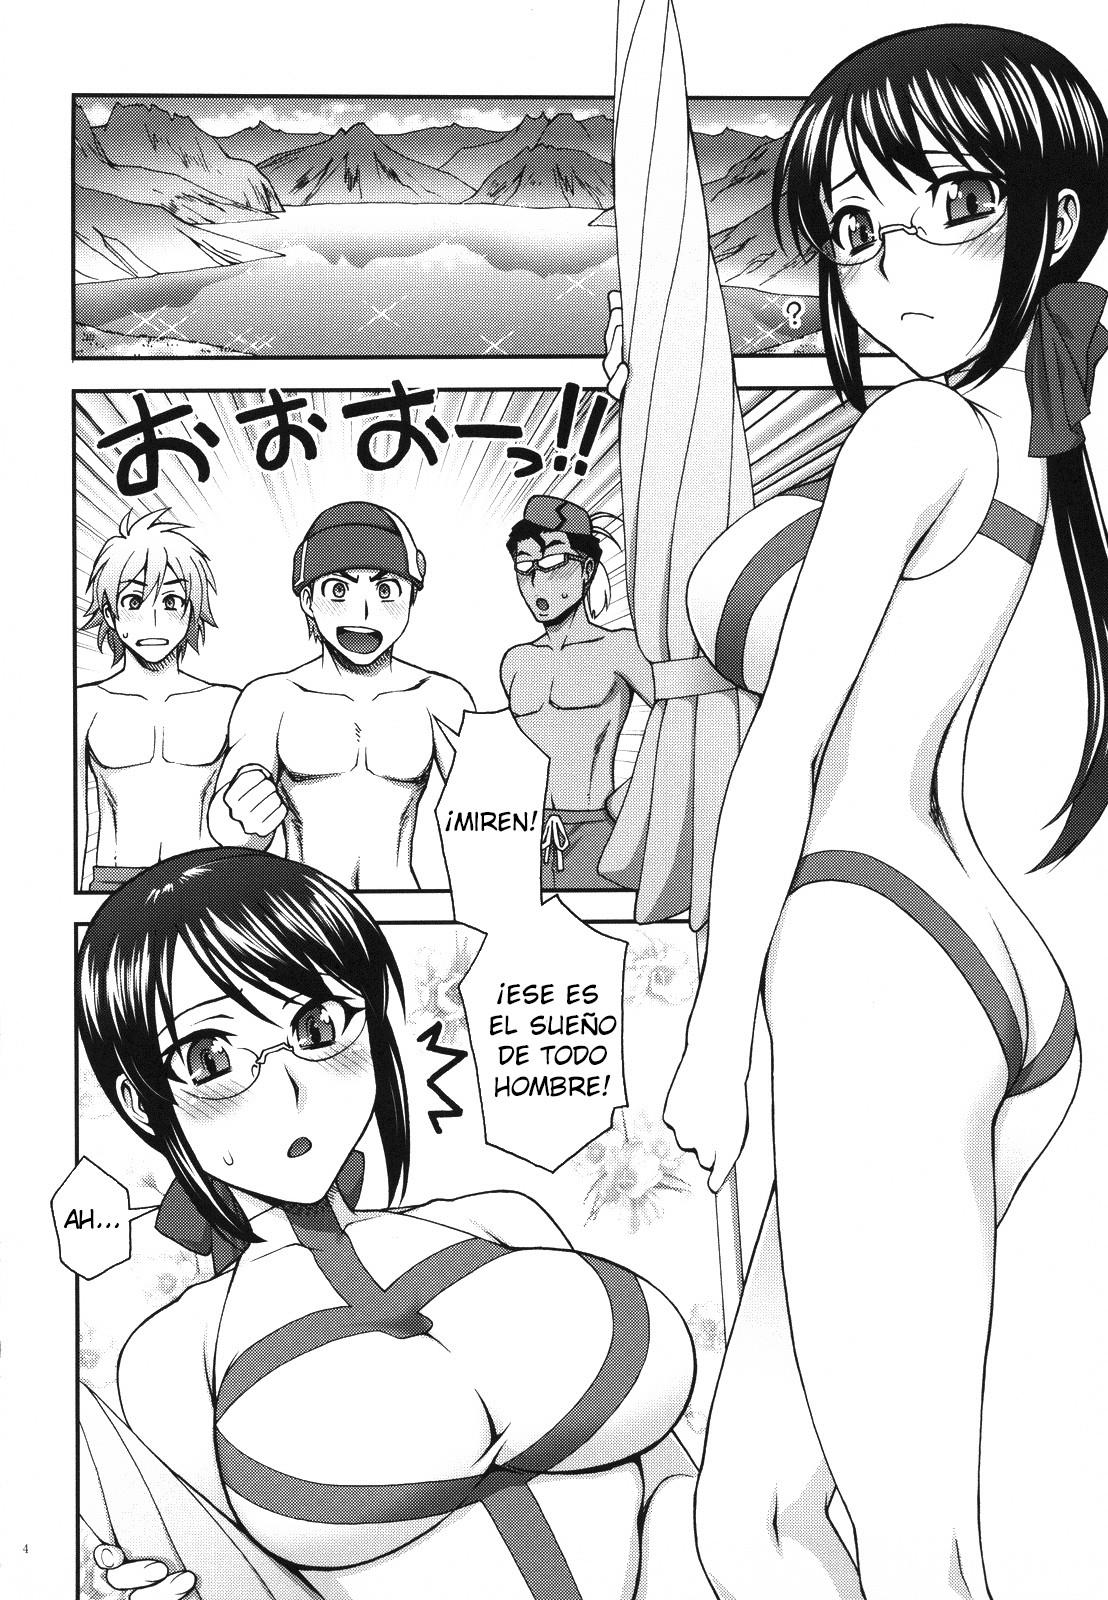 sexy anime chicas xxx